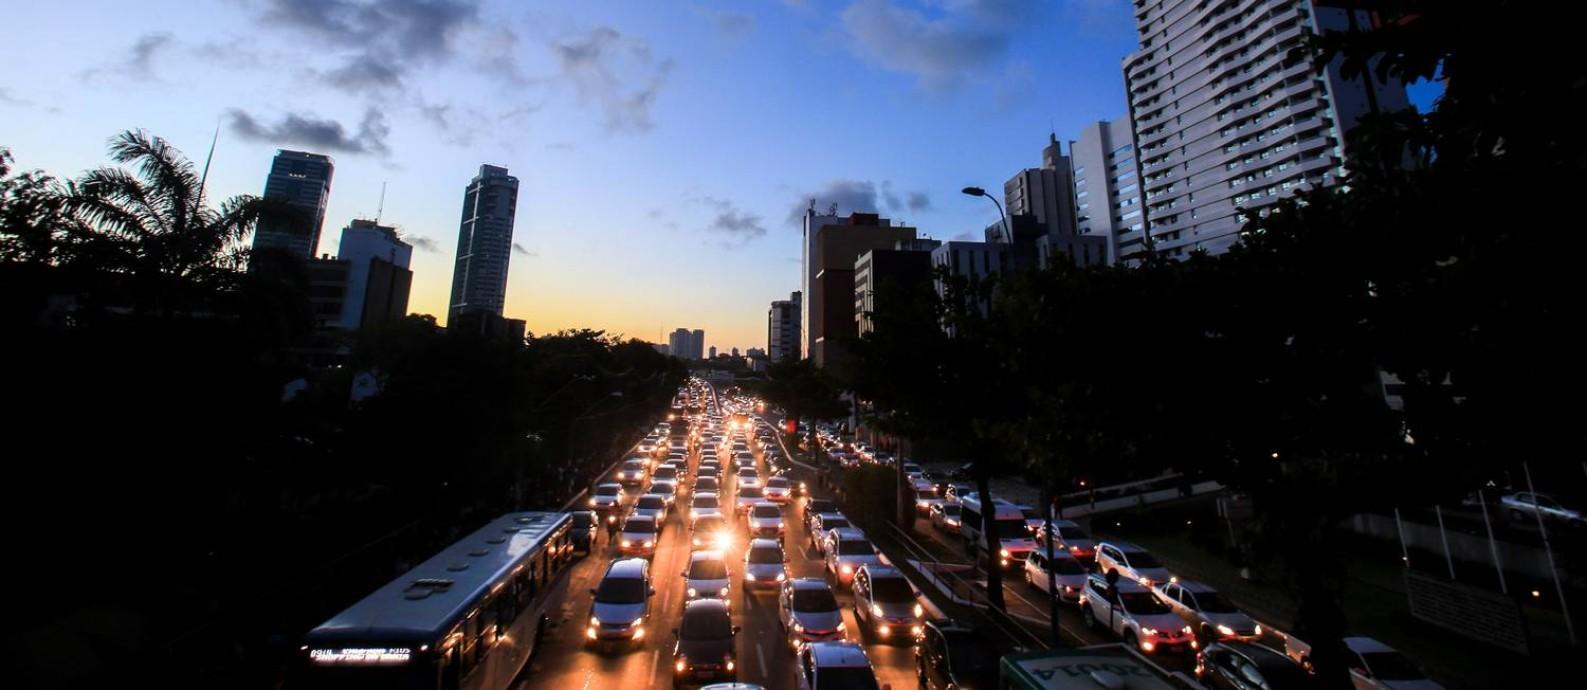 Salvador foi uma das cidades afetadas pelo apagão desta quarta-feira (21) Foto: Raul Spinassé / Agência A Tarde